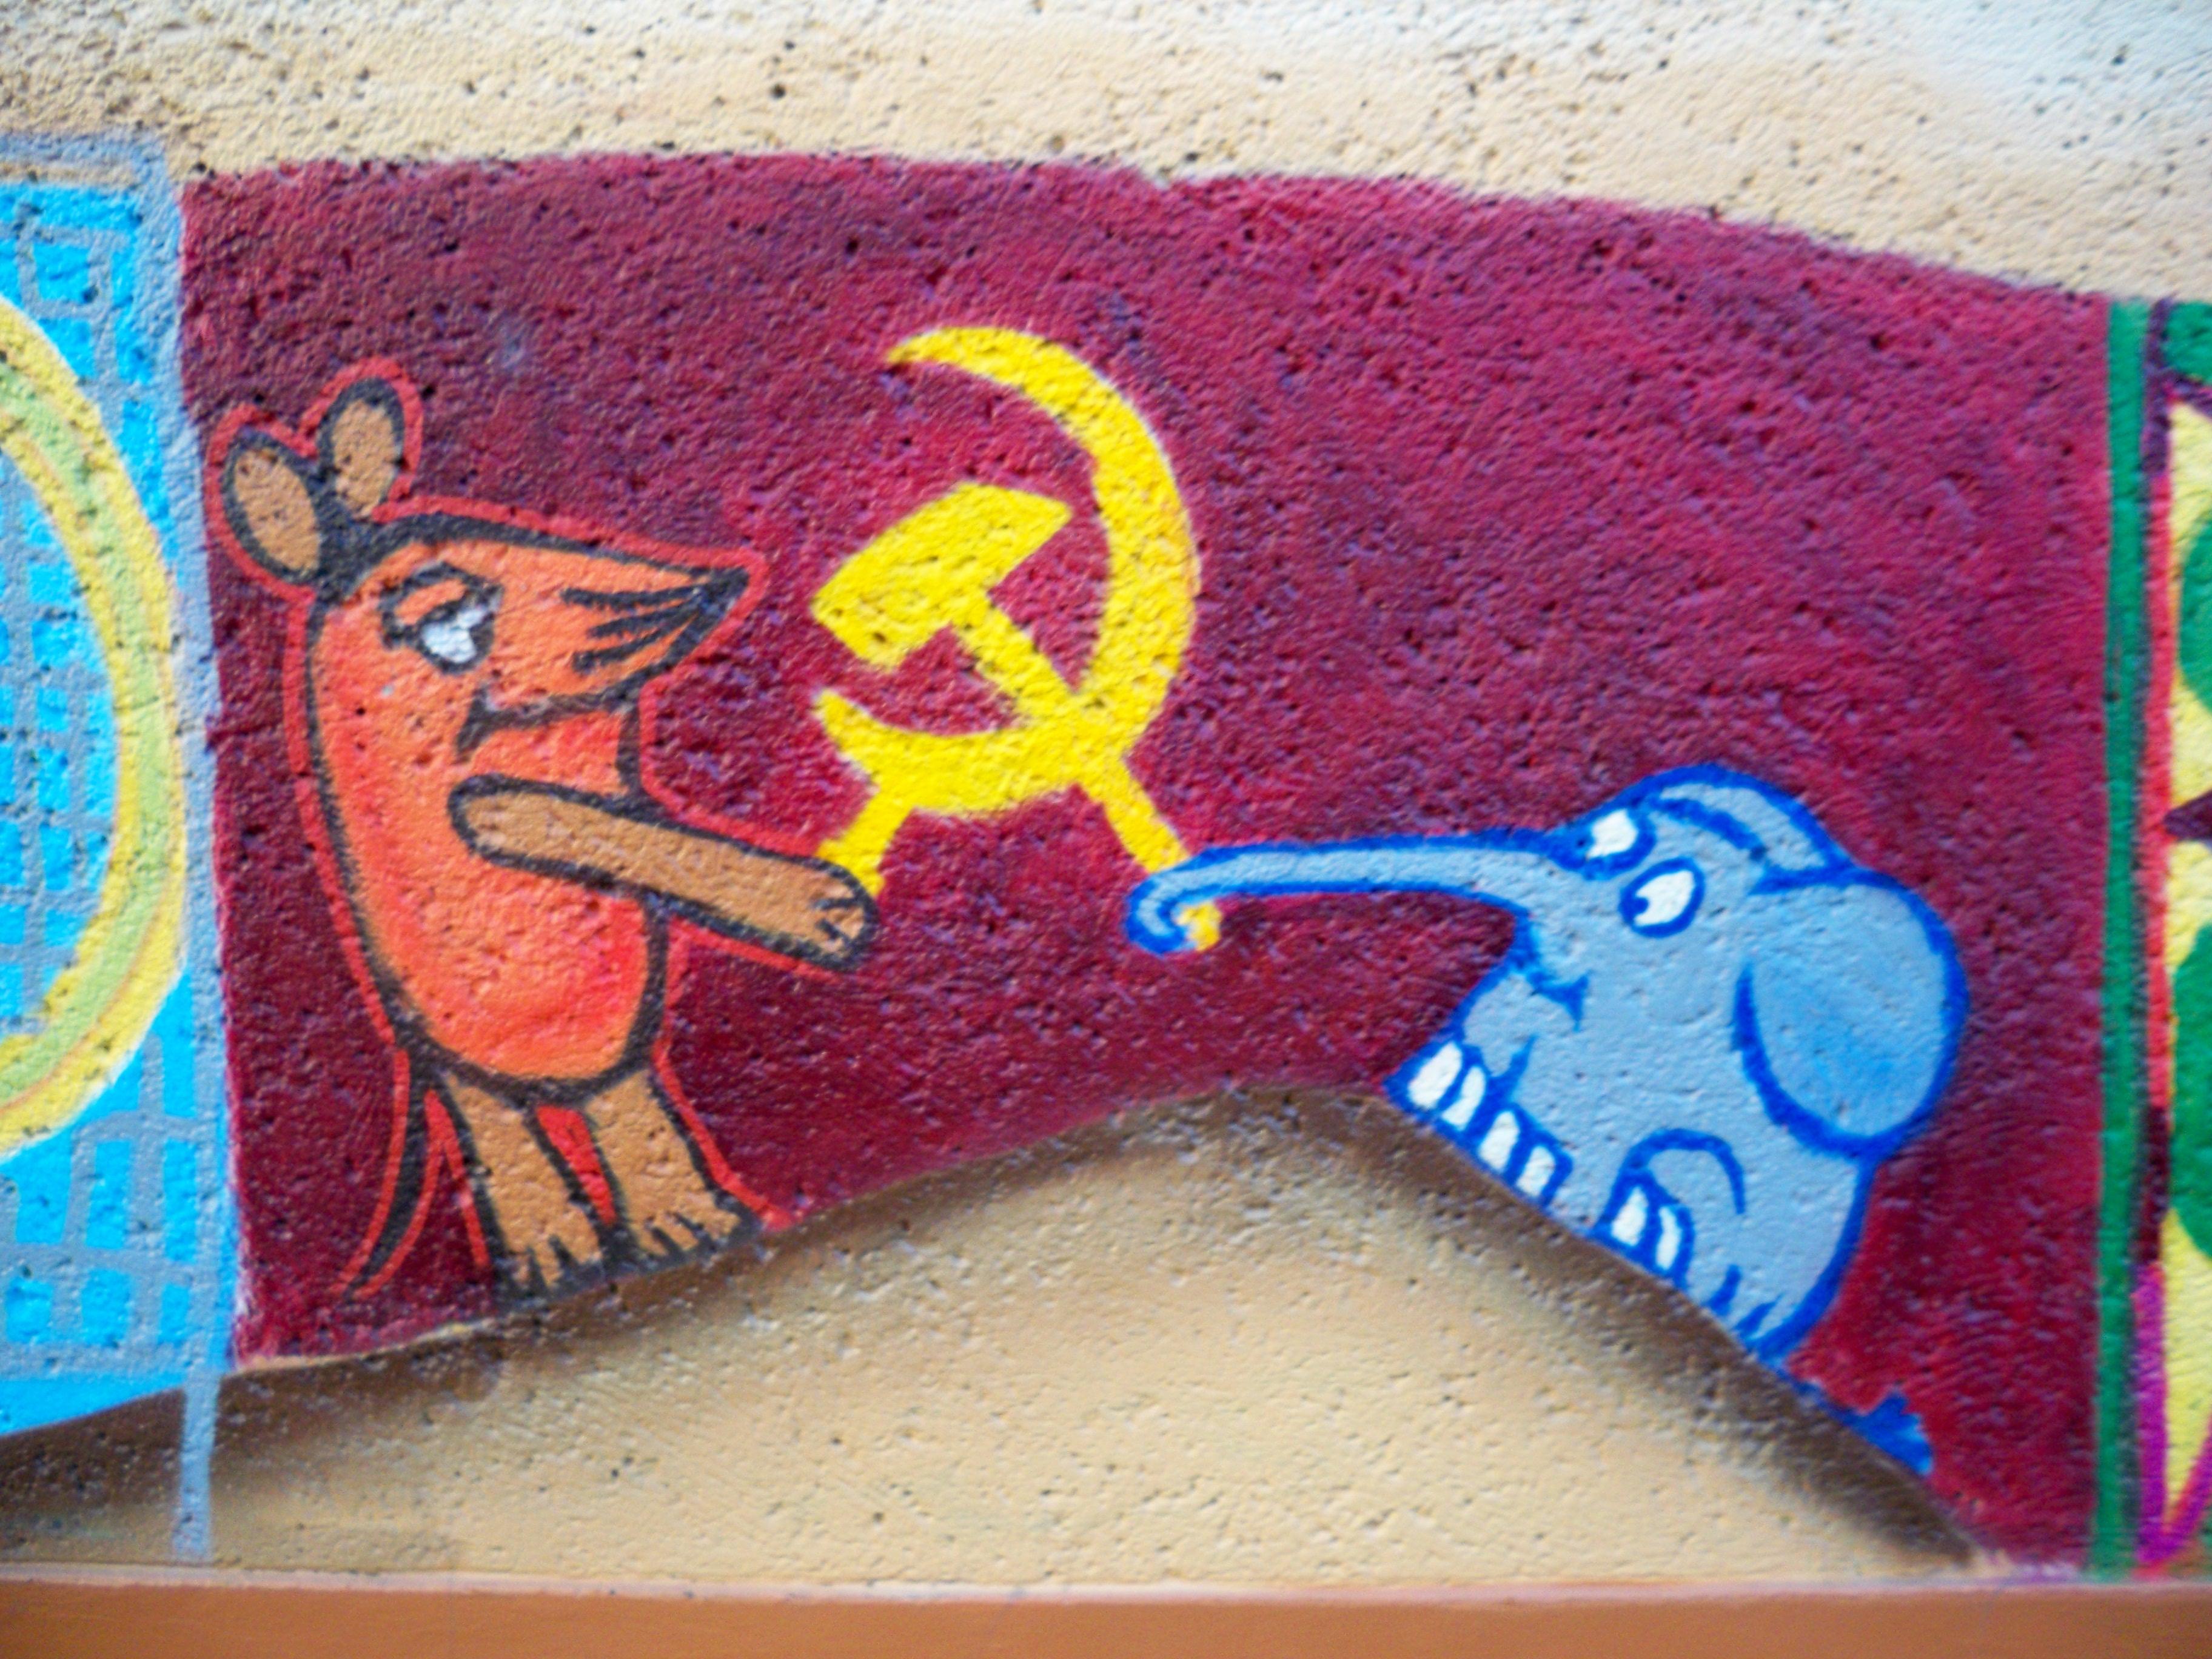 Datei Streetart Die Sendung Mit Der Maus 2 Jpg Wikipedia